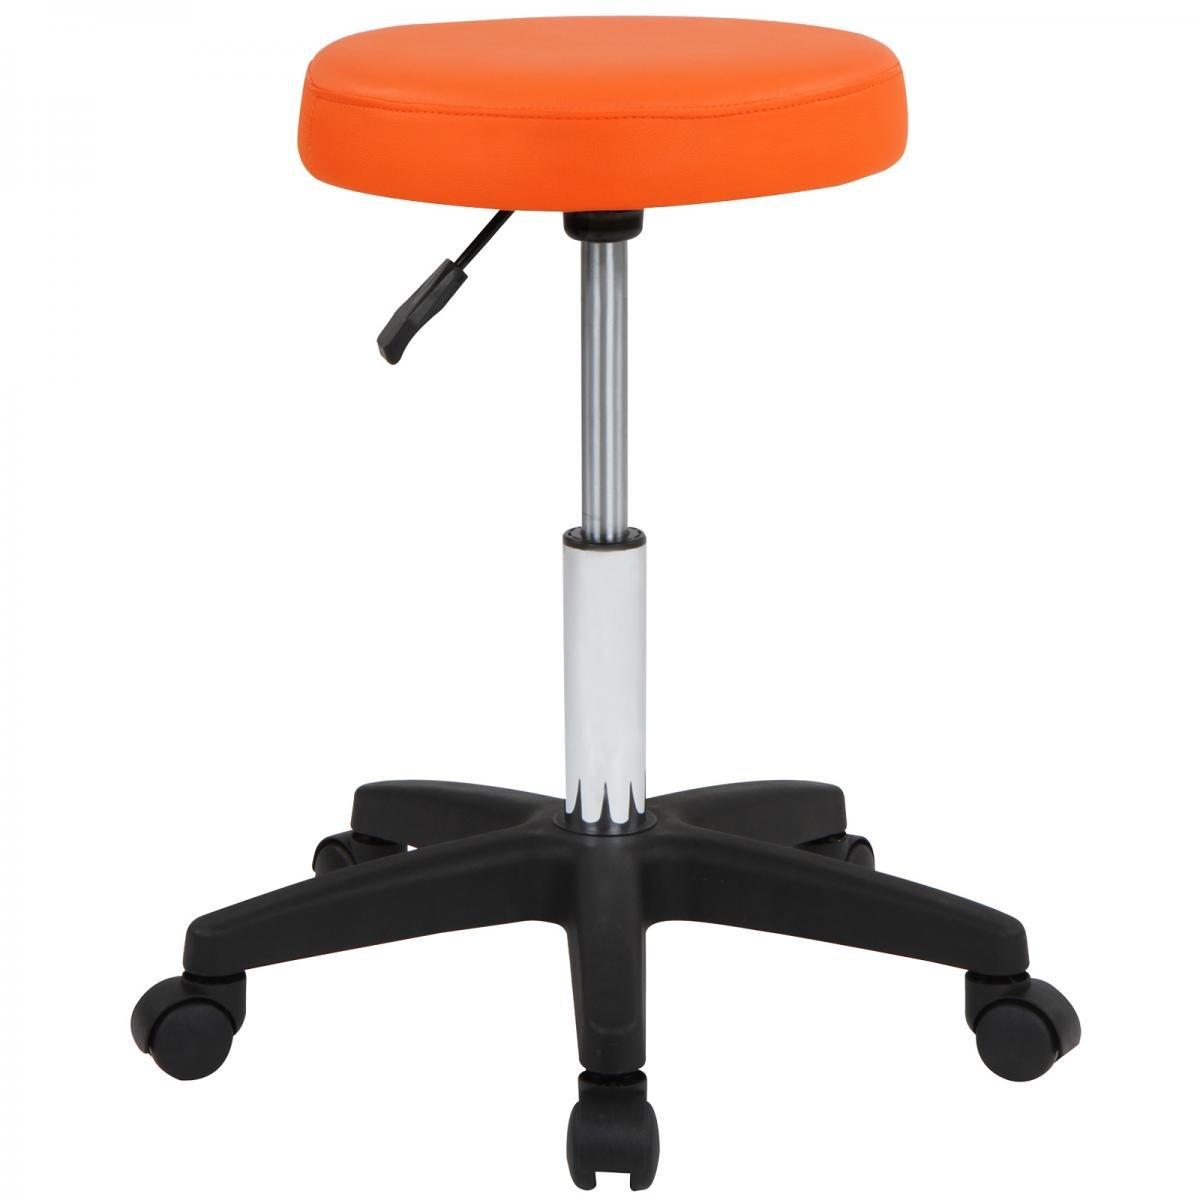 Hocker frei drehbar und h/öhenverstellbar Farbwahl MIADOMODO Barhocker Rollhocker Praxishocker mit Rollen Arbeitshocker Orange